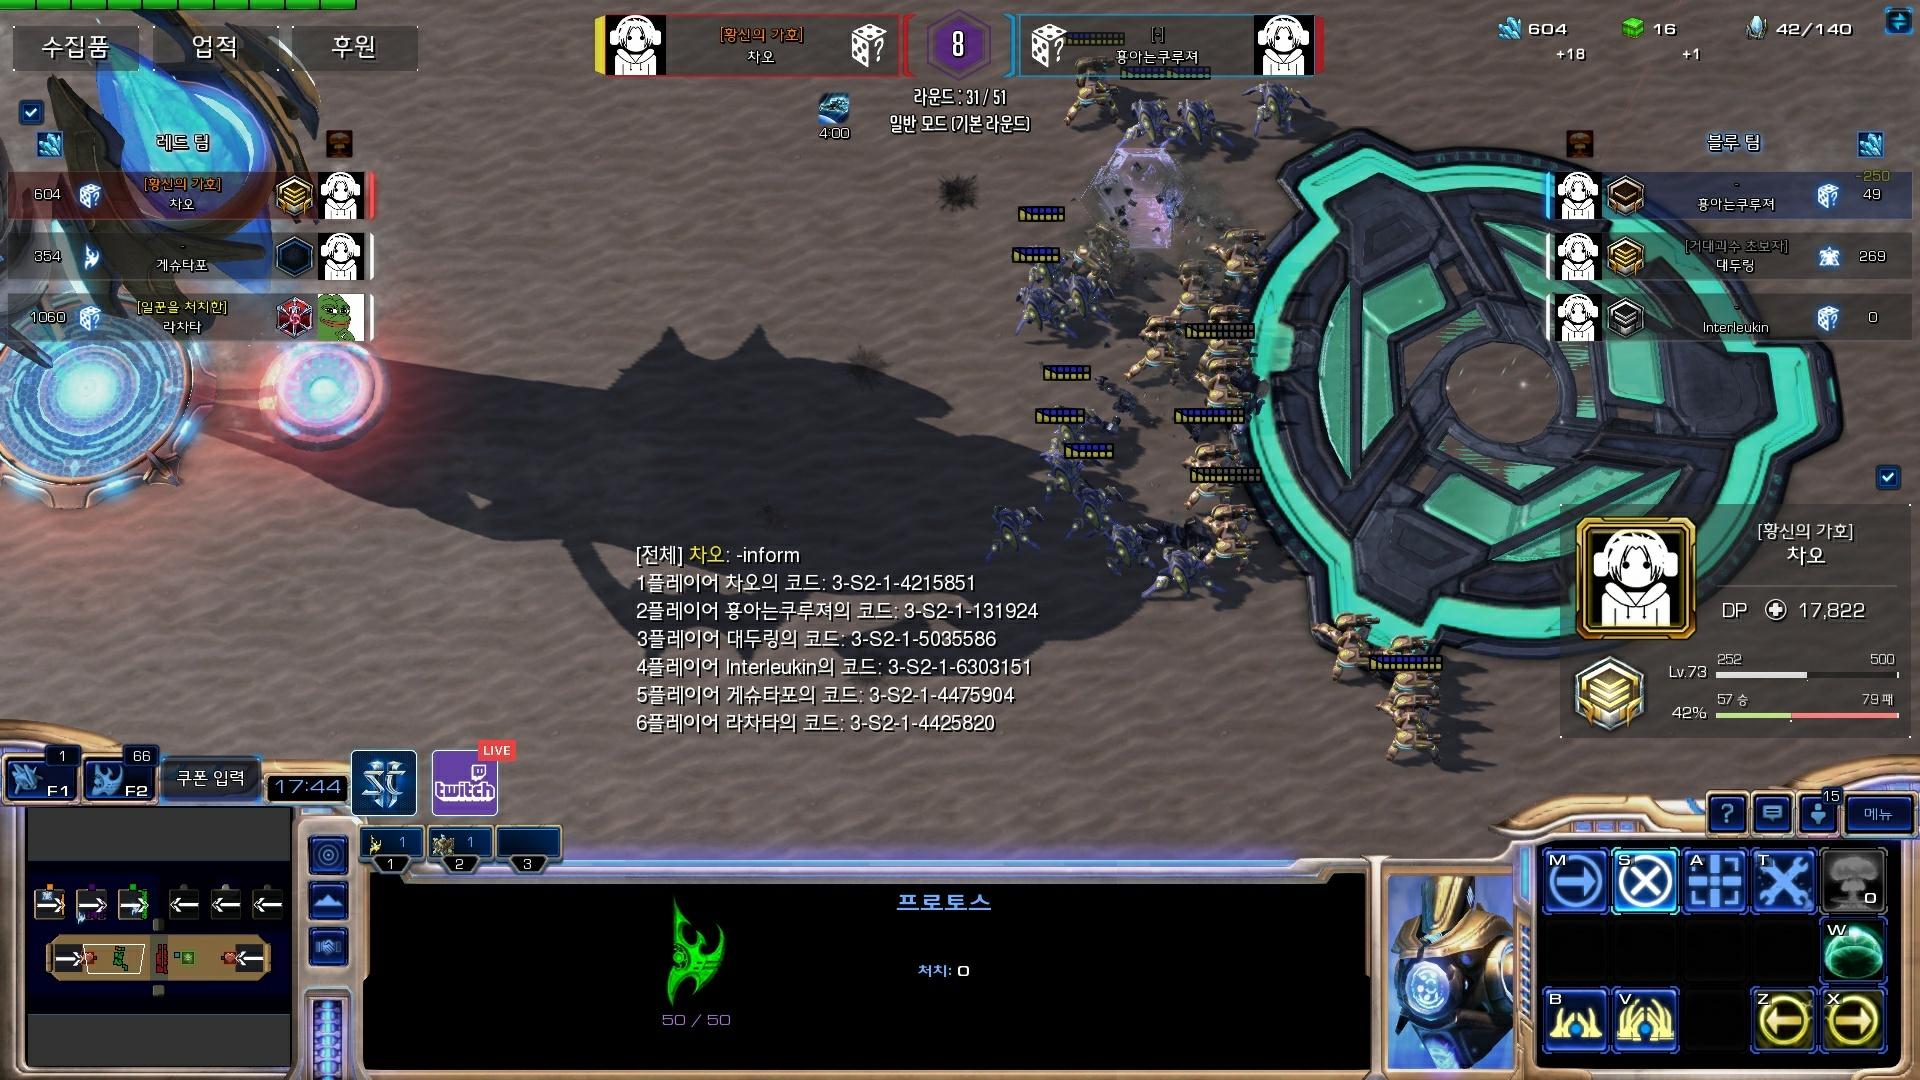 Screenshot2019-06-14 20_30_41.jpg